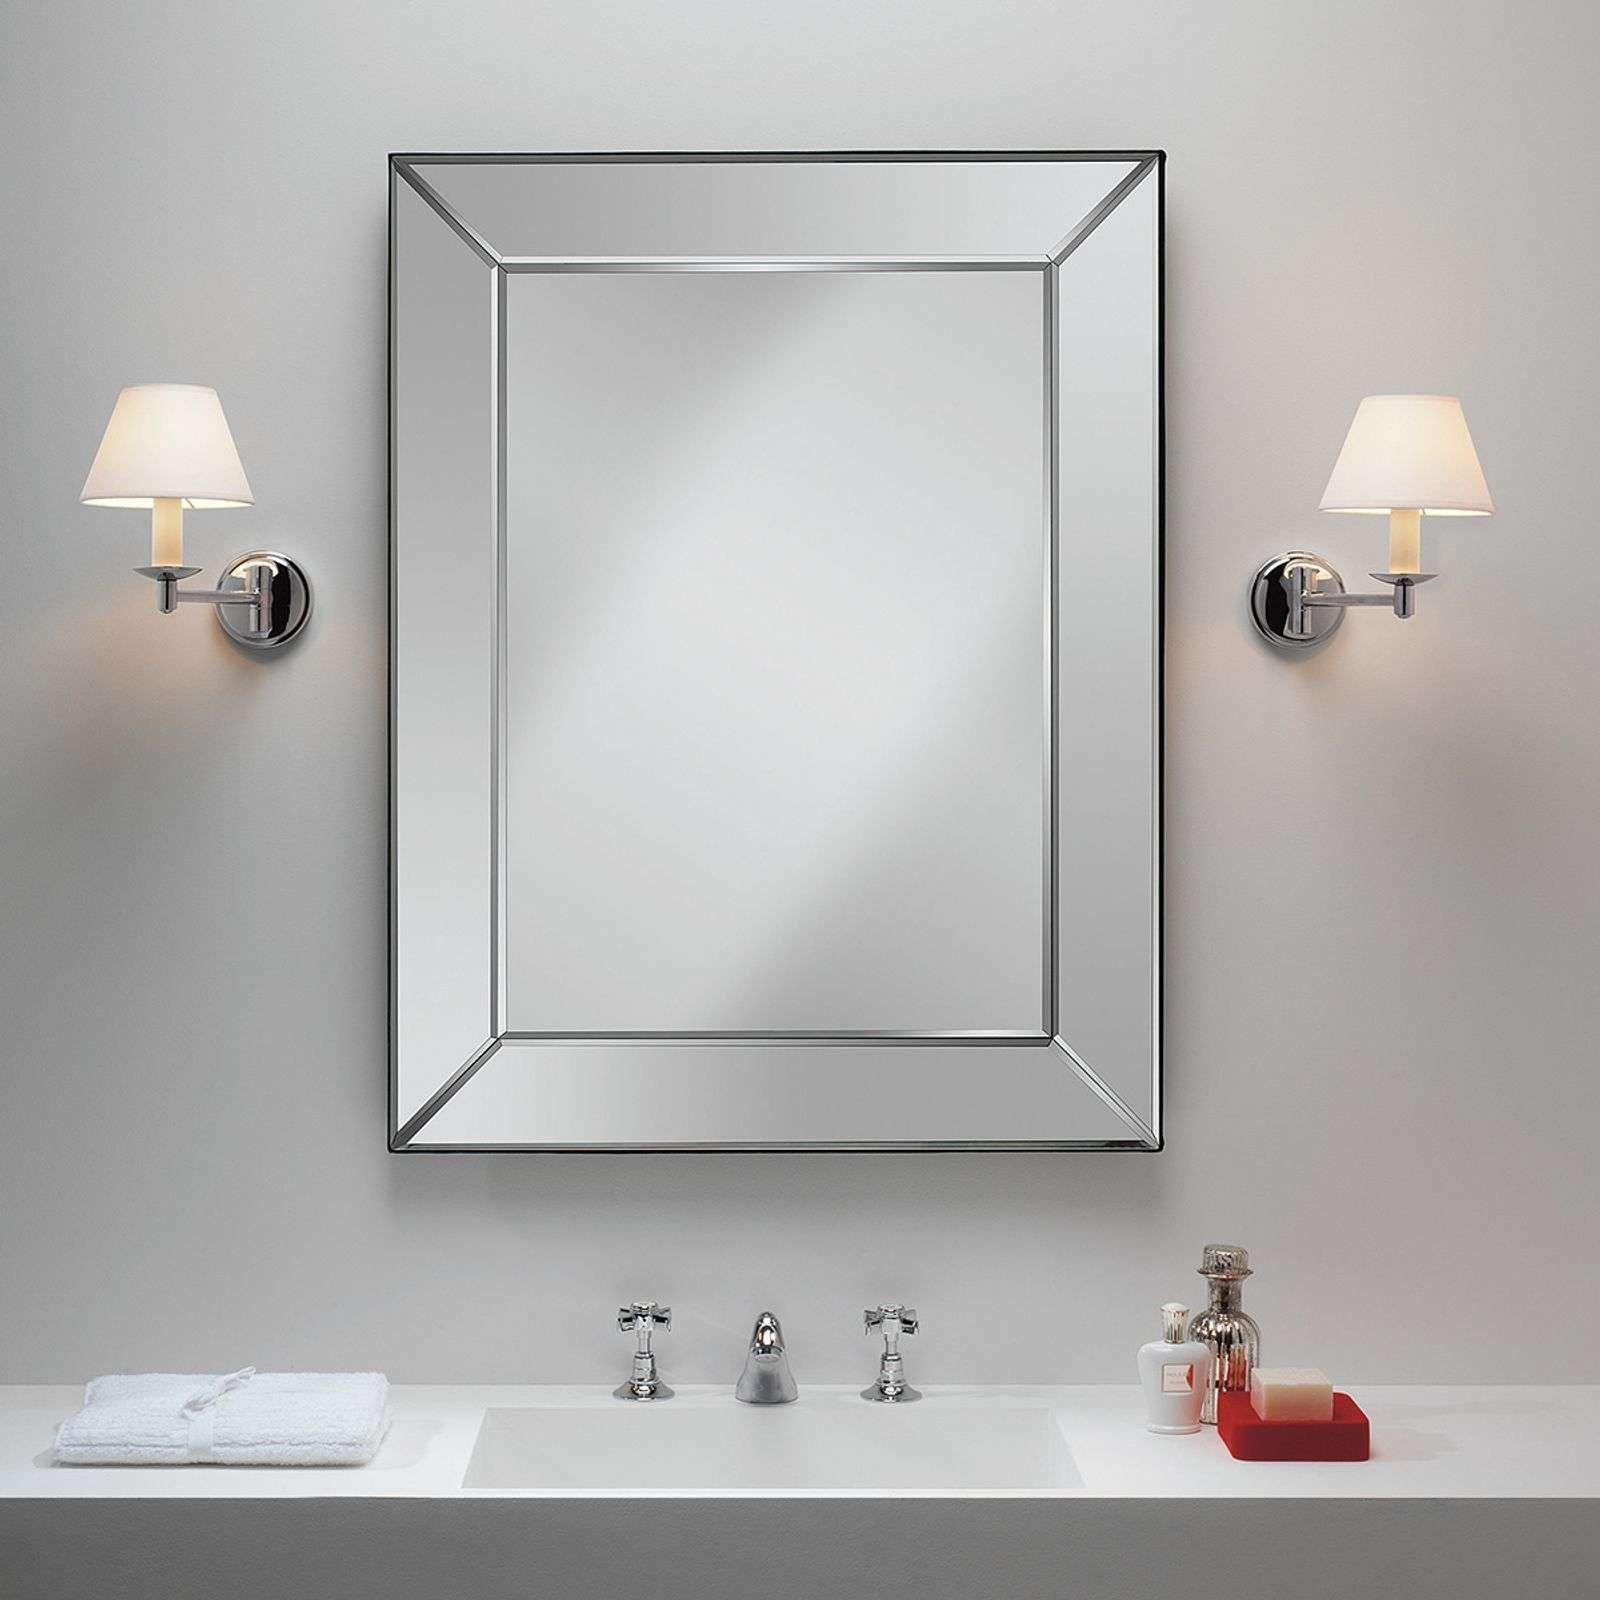 Applique Bain Grosvenor Miroir Pour Salle Applique Pour Miroir Grosvenor Salle De Bain De Astro Eclairage De Bureau Miroir Lampe Decoration